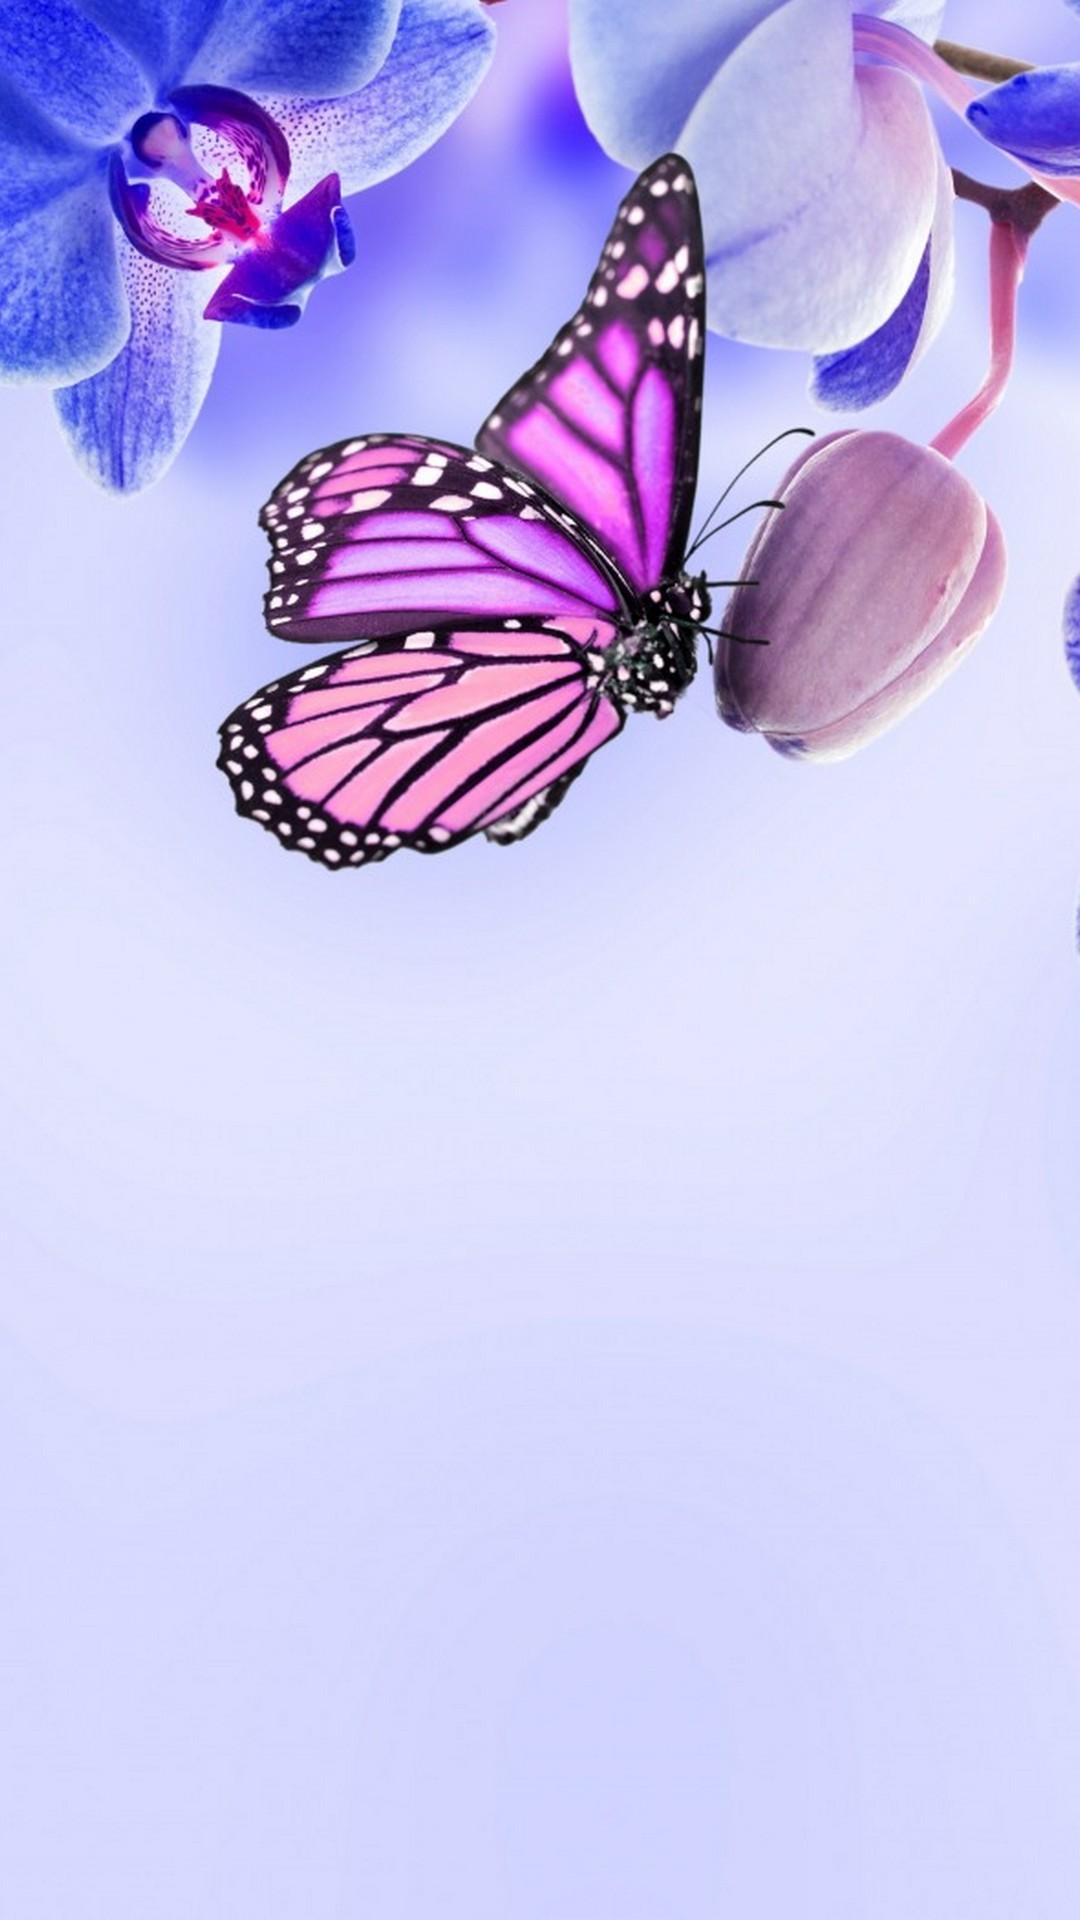 Blue & Purple Butterfly Wallpaper